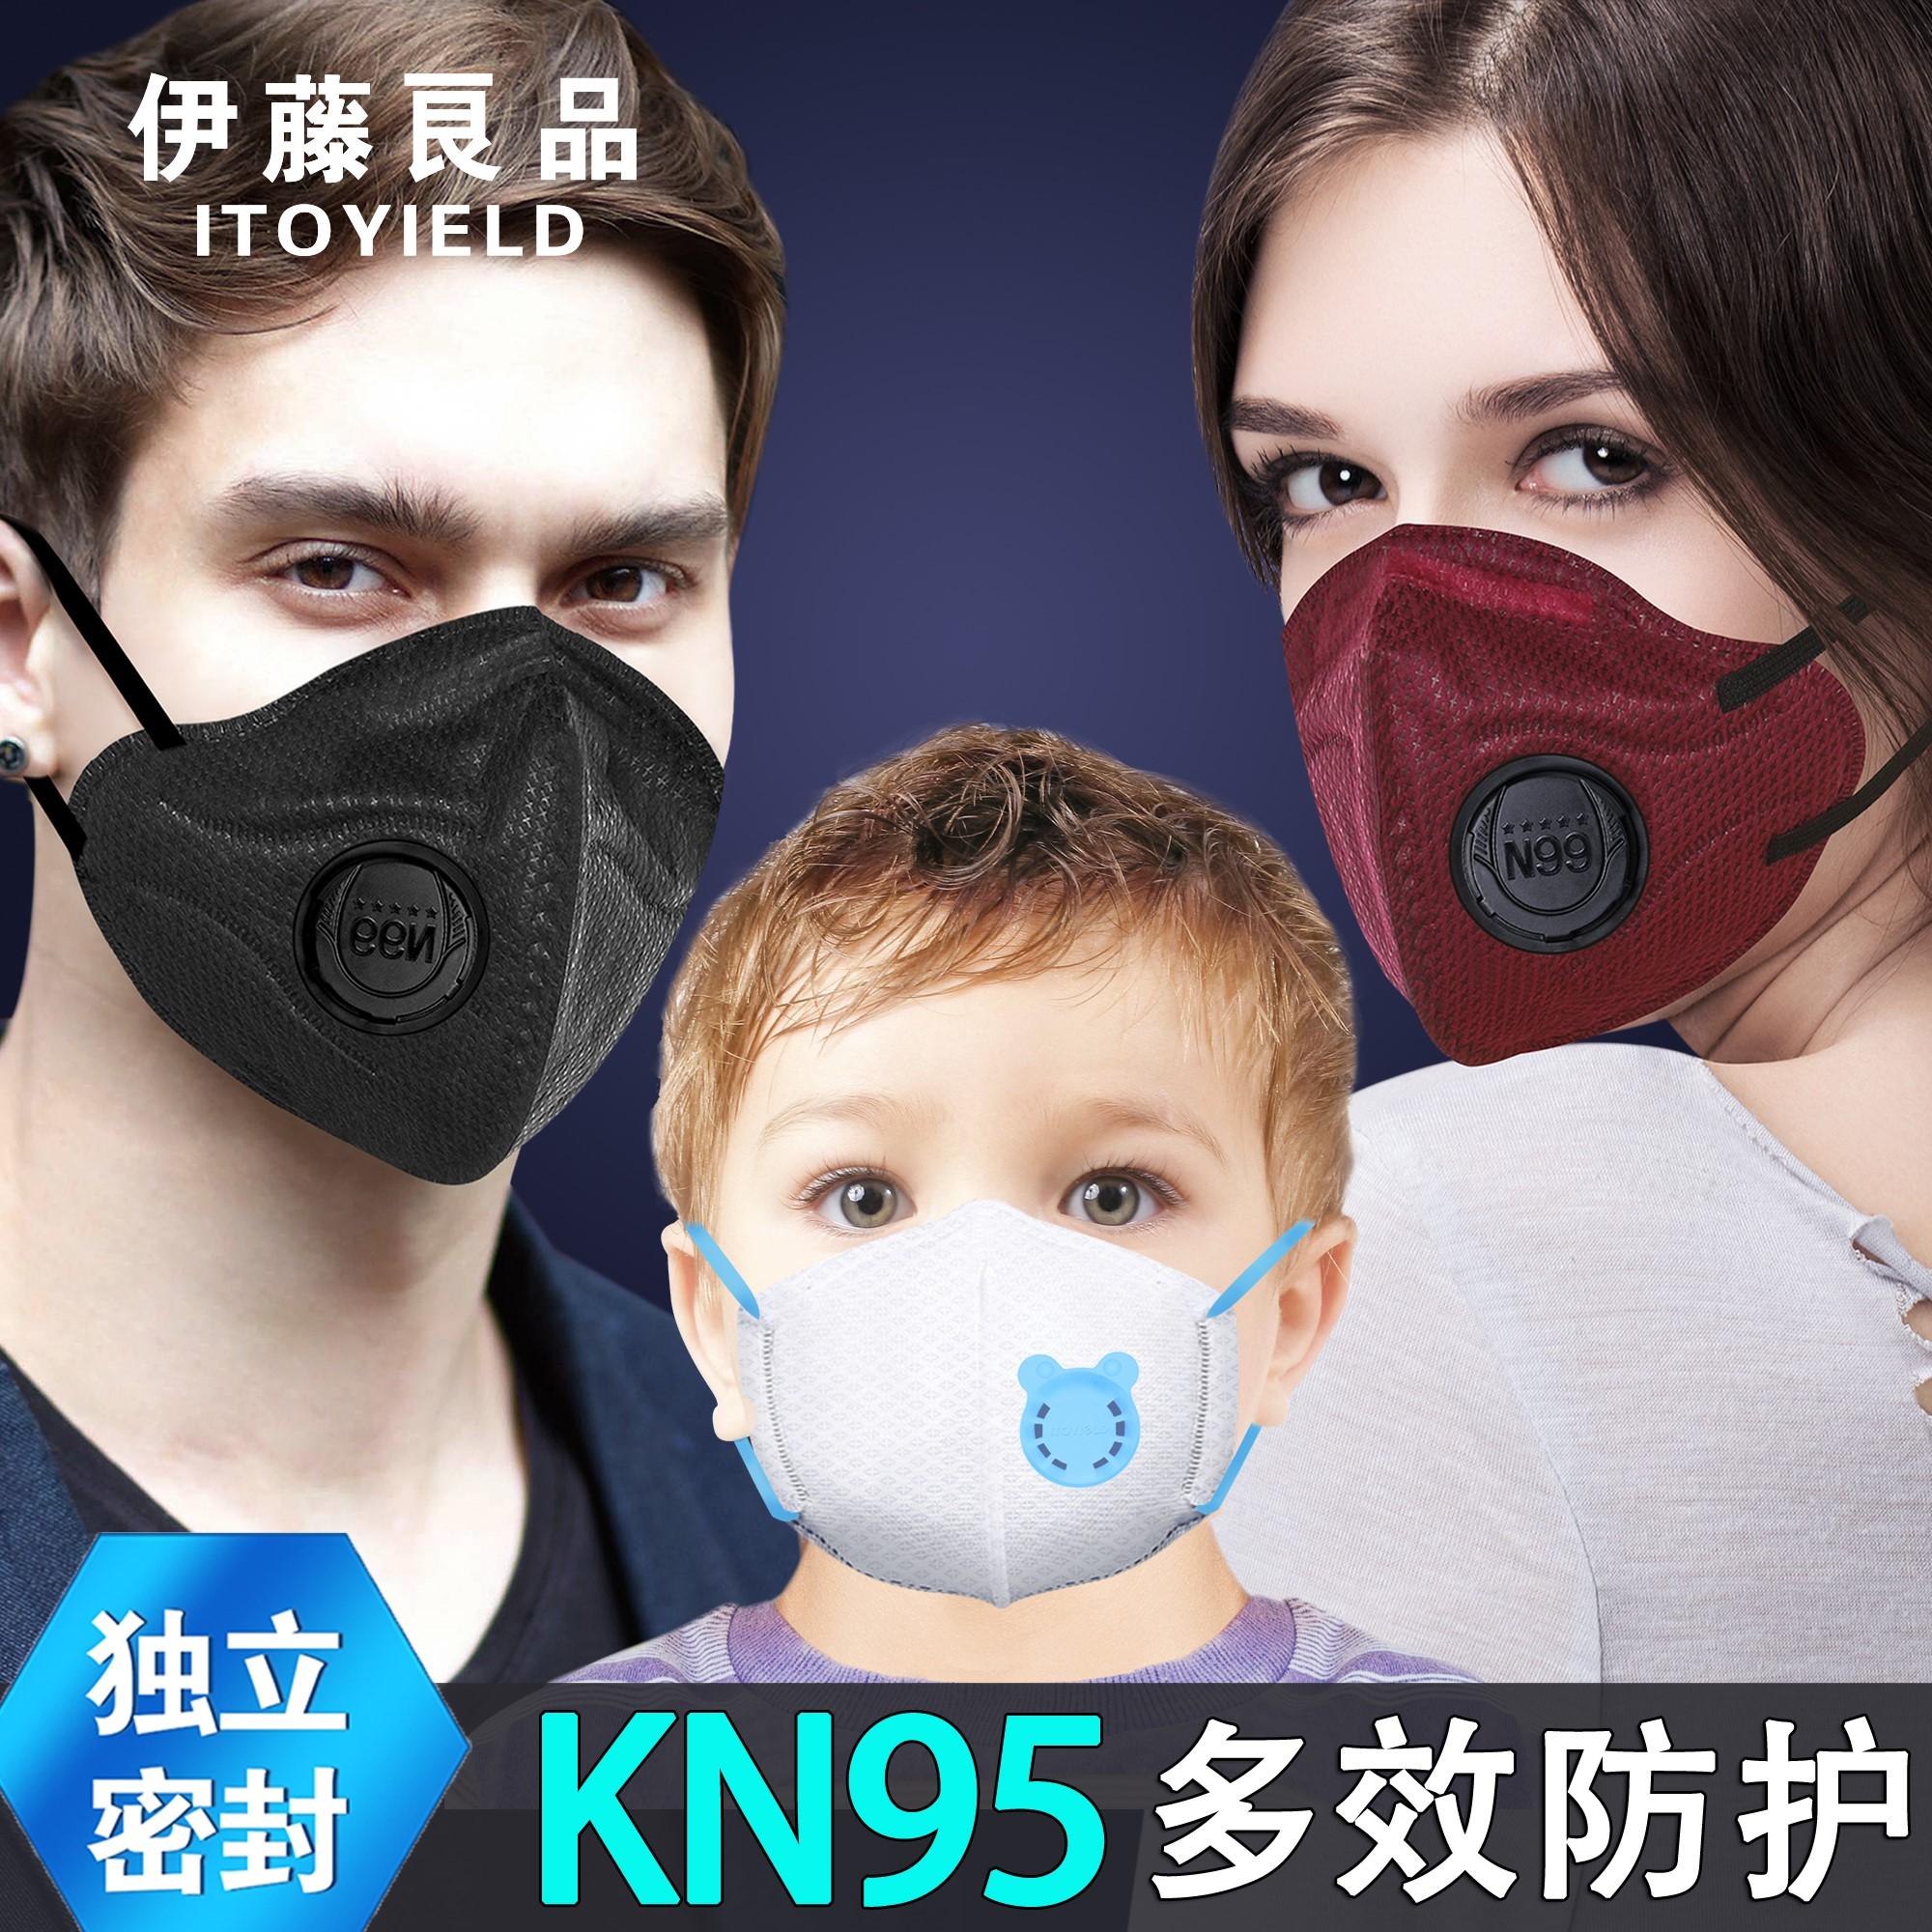 伊藤良品防塵空気を通して、大人用の子供用呼吸器付きK N 95マスク